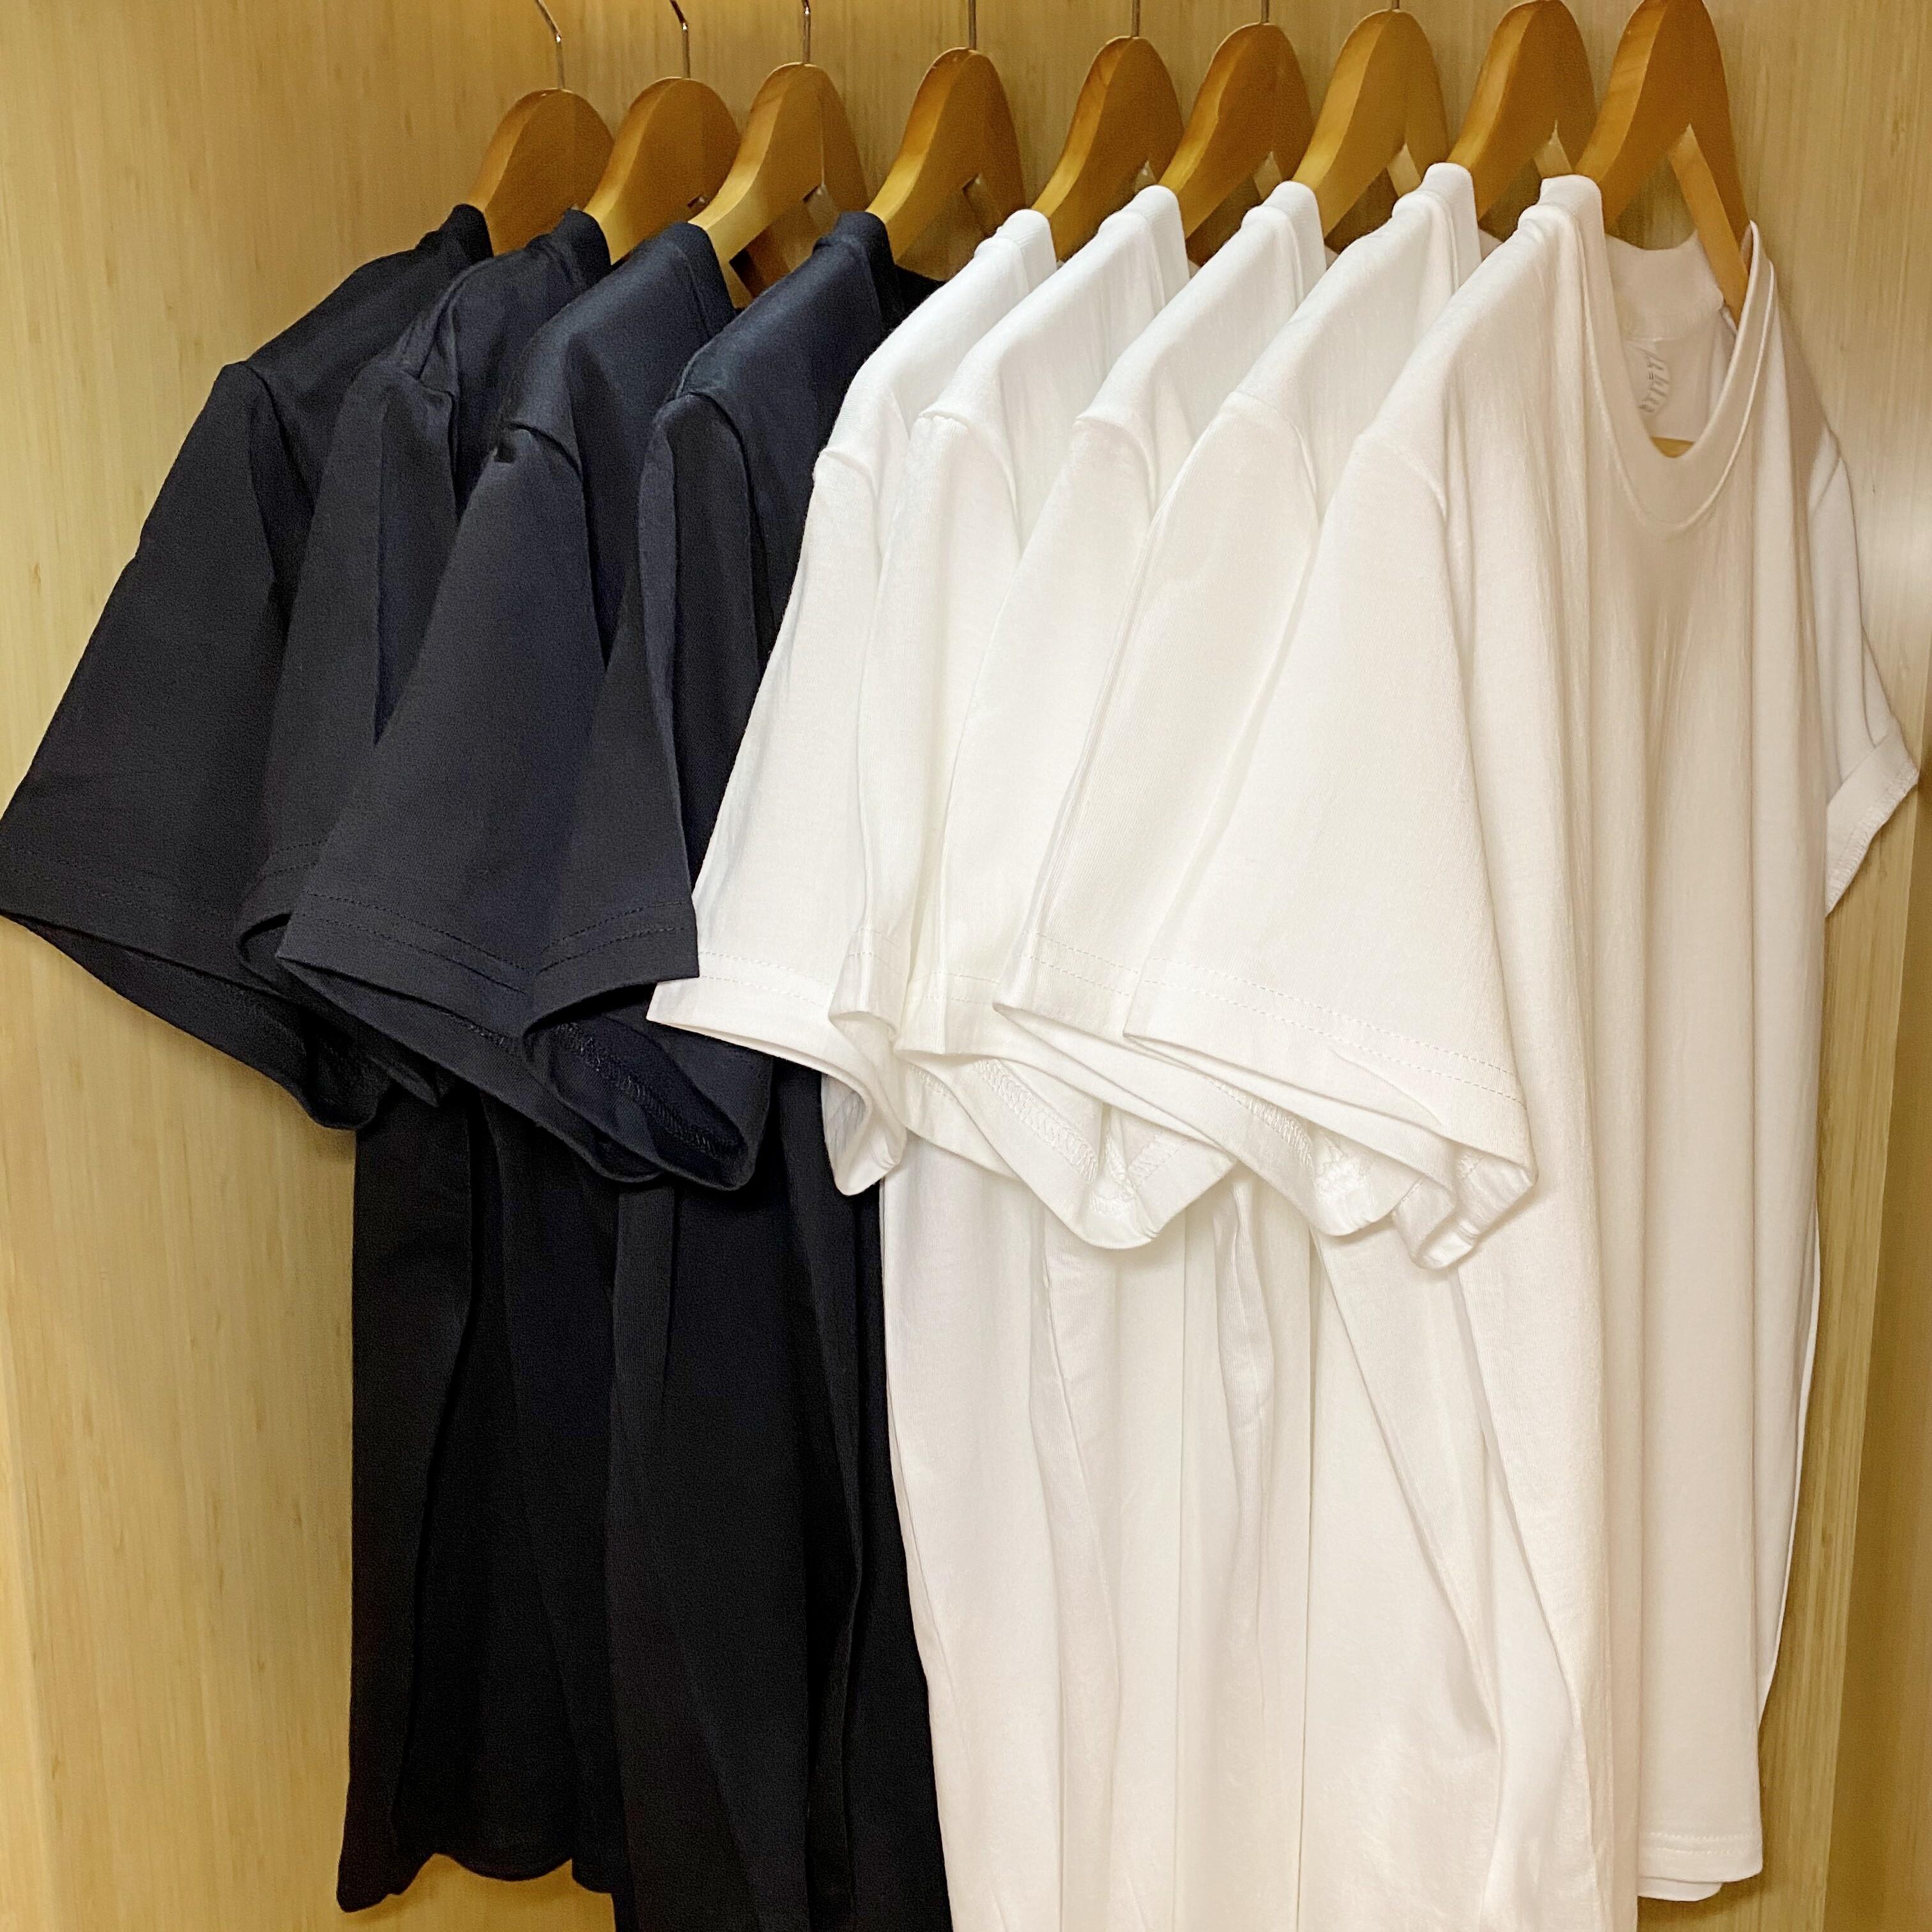 (买一送一)210g美式重磅纯棉圆领打底T恤纯色男女宽松短袖t夏季